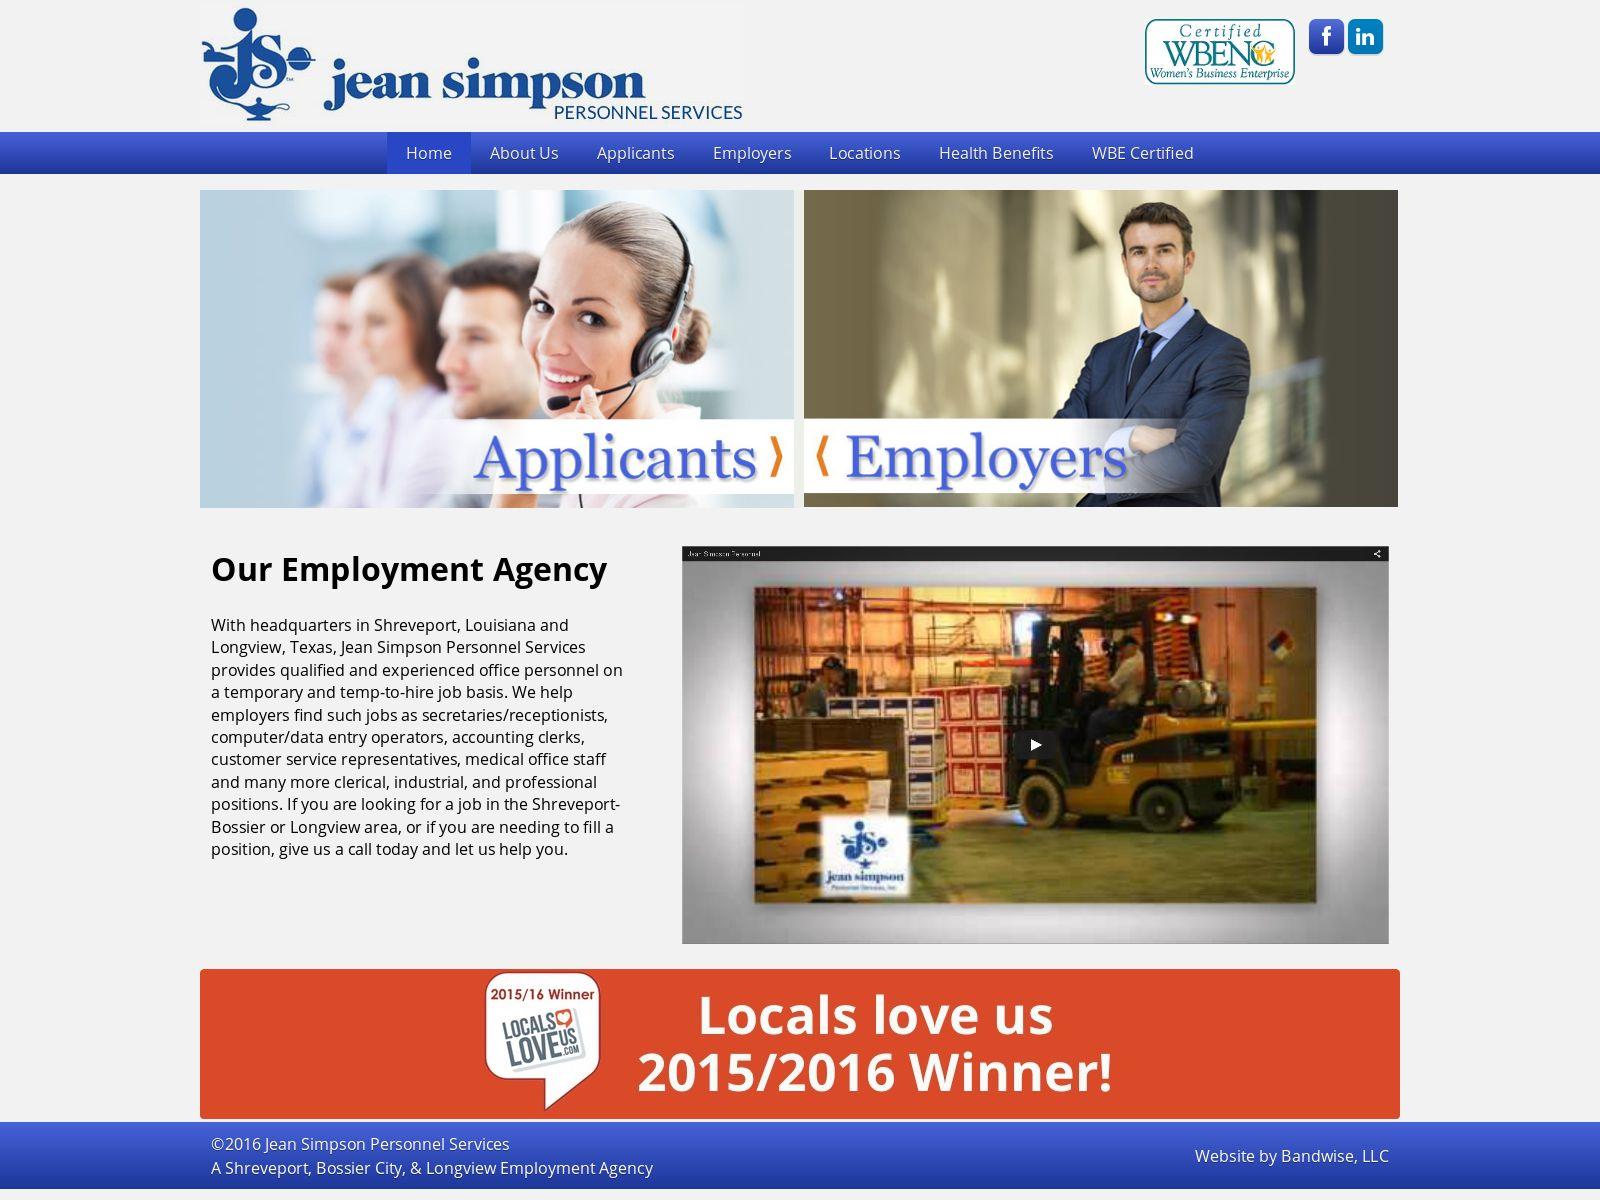 jeansimpson_com